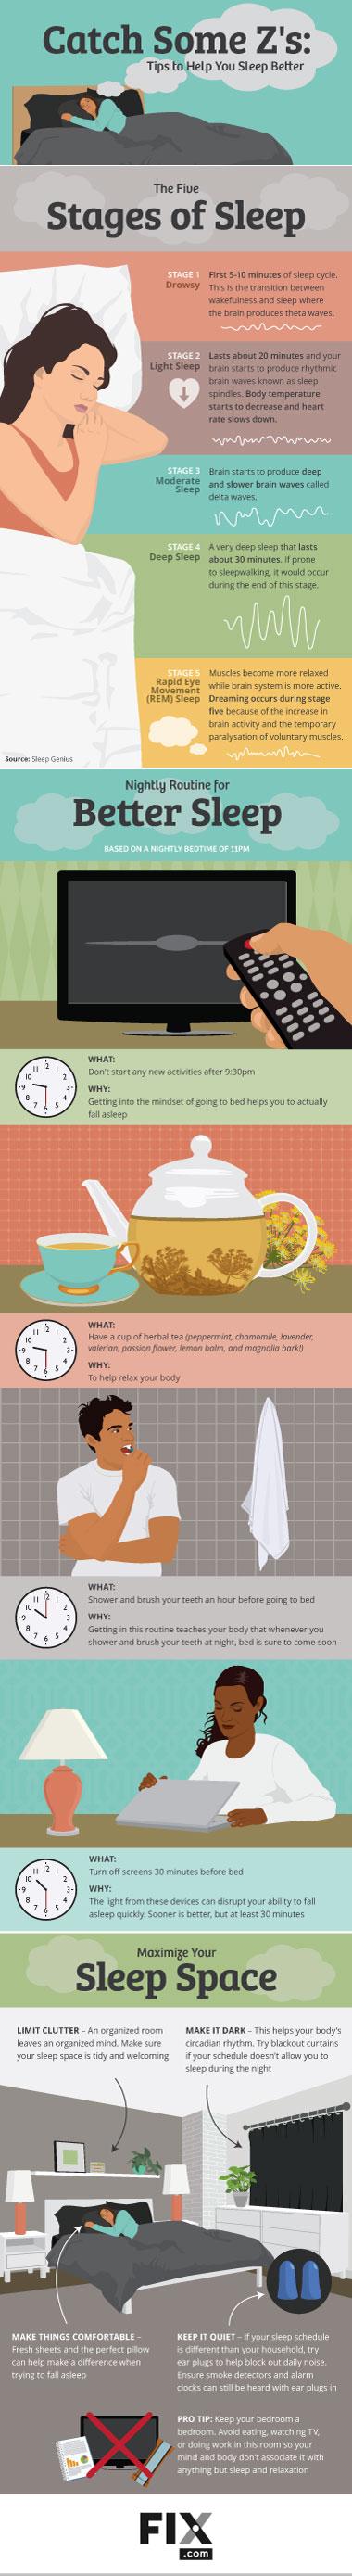 tips-to-help-you-sleep-better